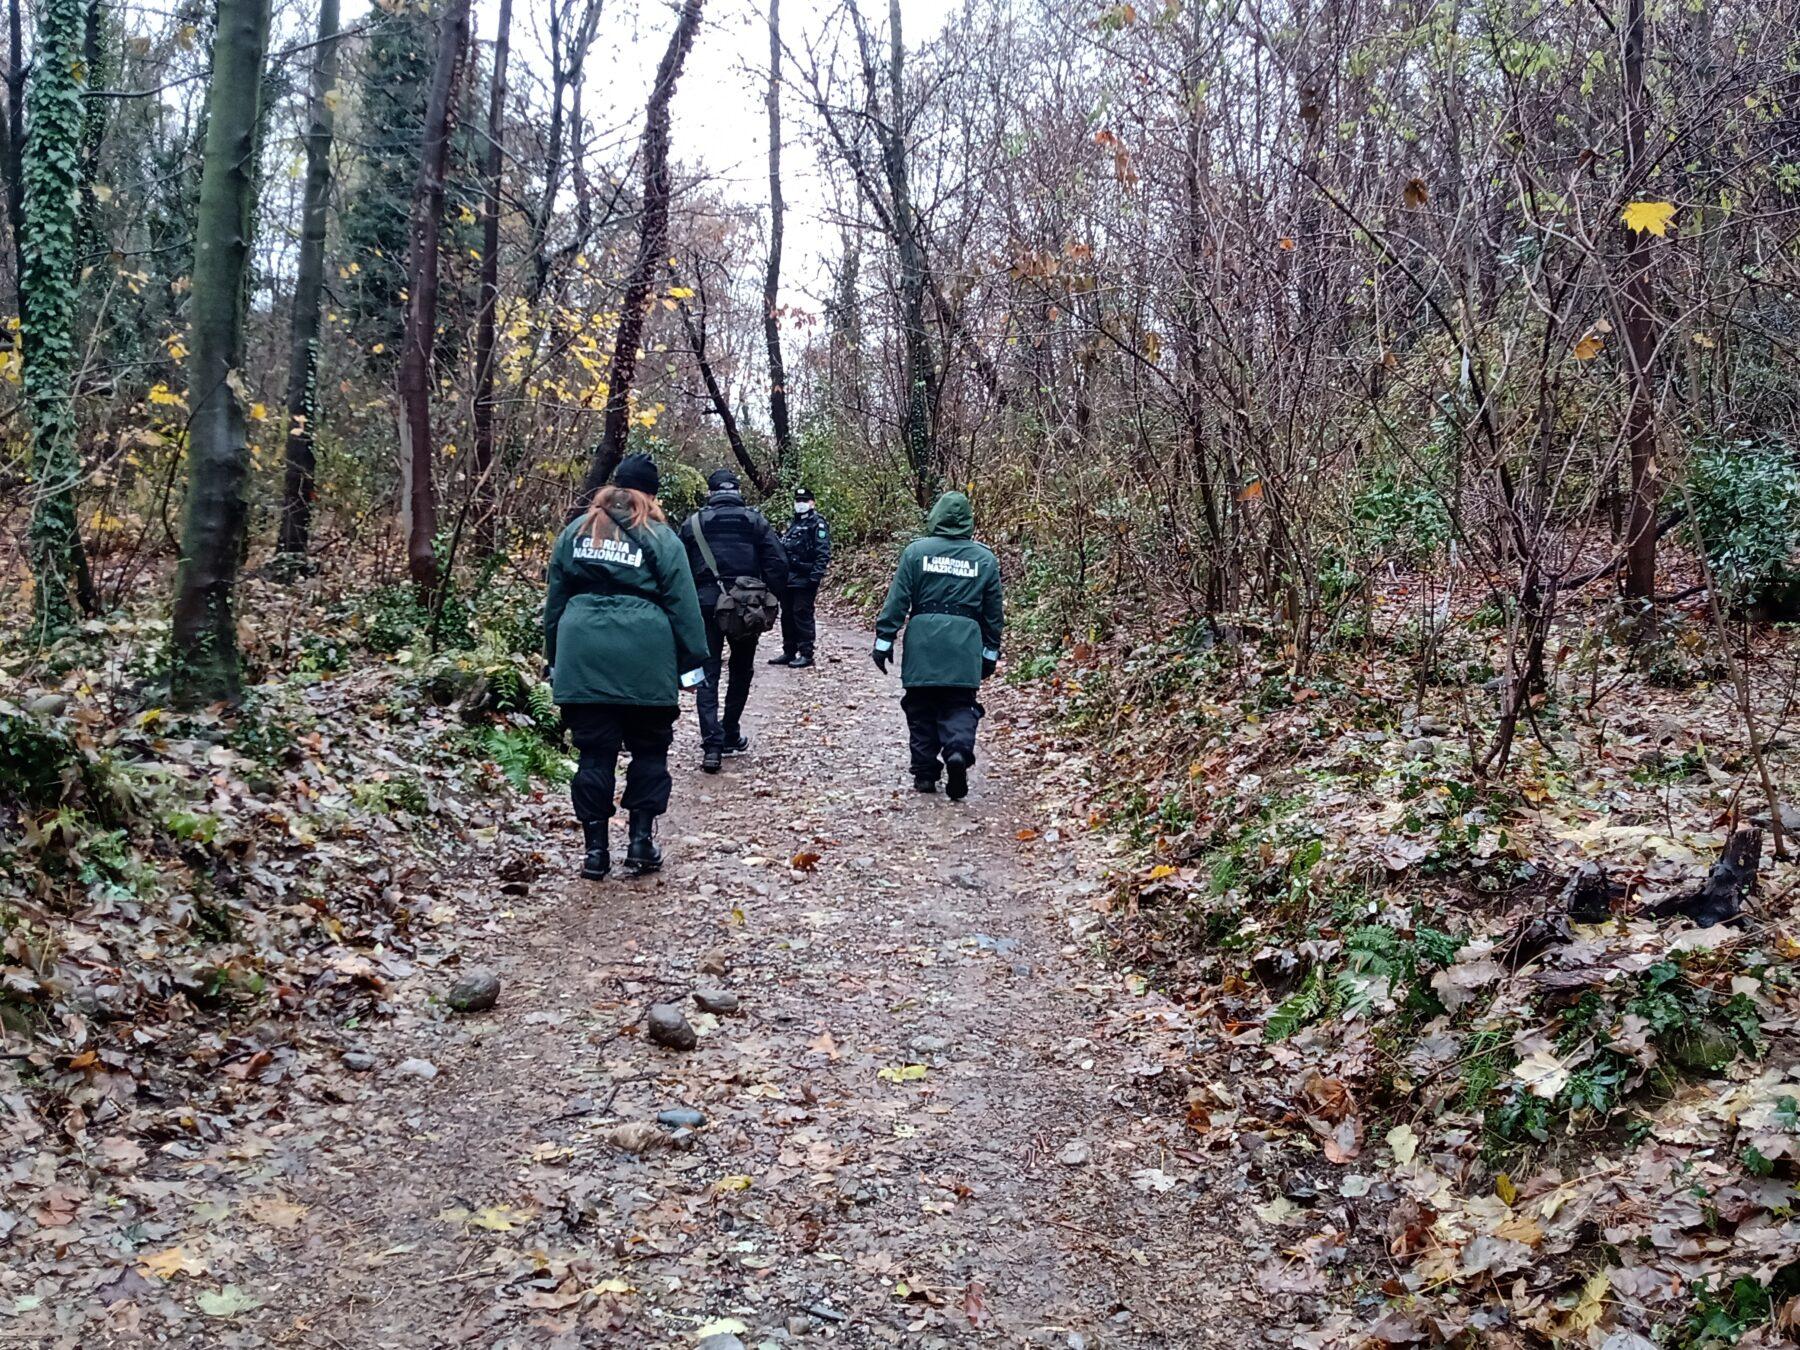 spina verde Ambiente - La Guardia Nazionale tra i boschi di Spina Verde (Como) 16/01/2021